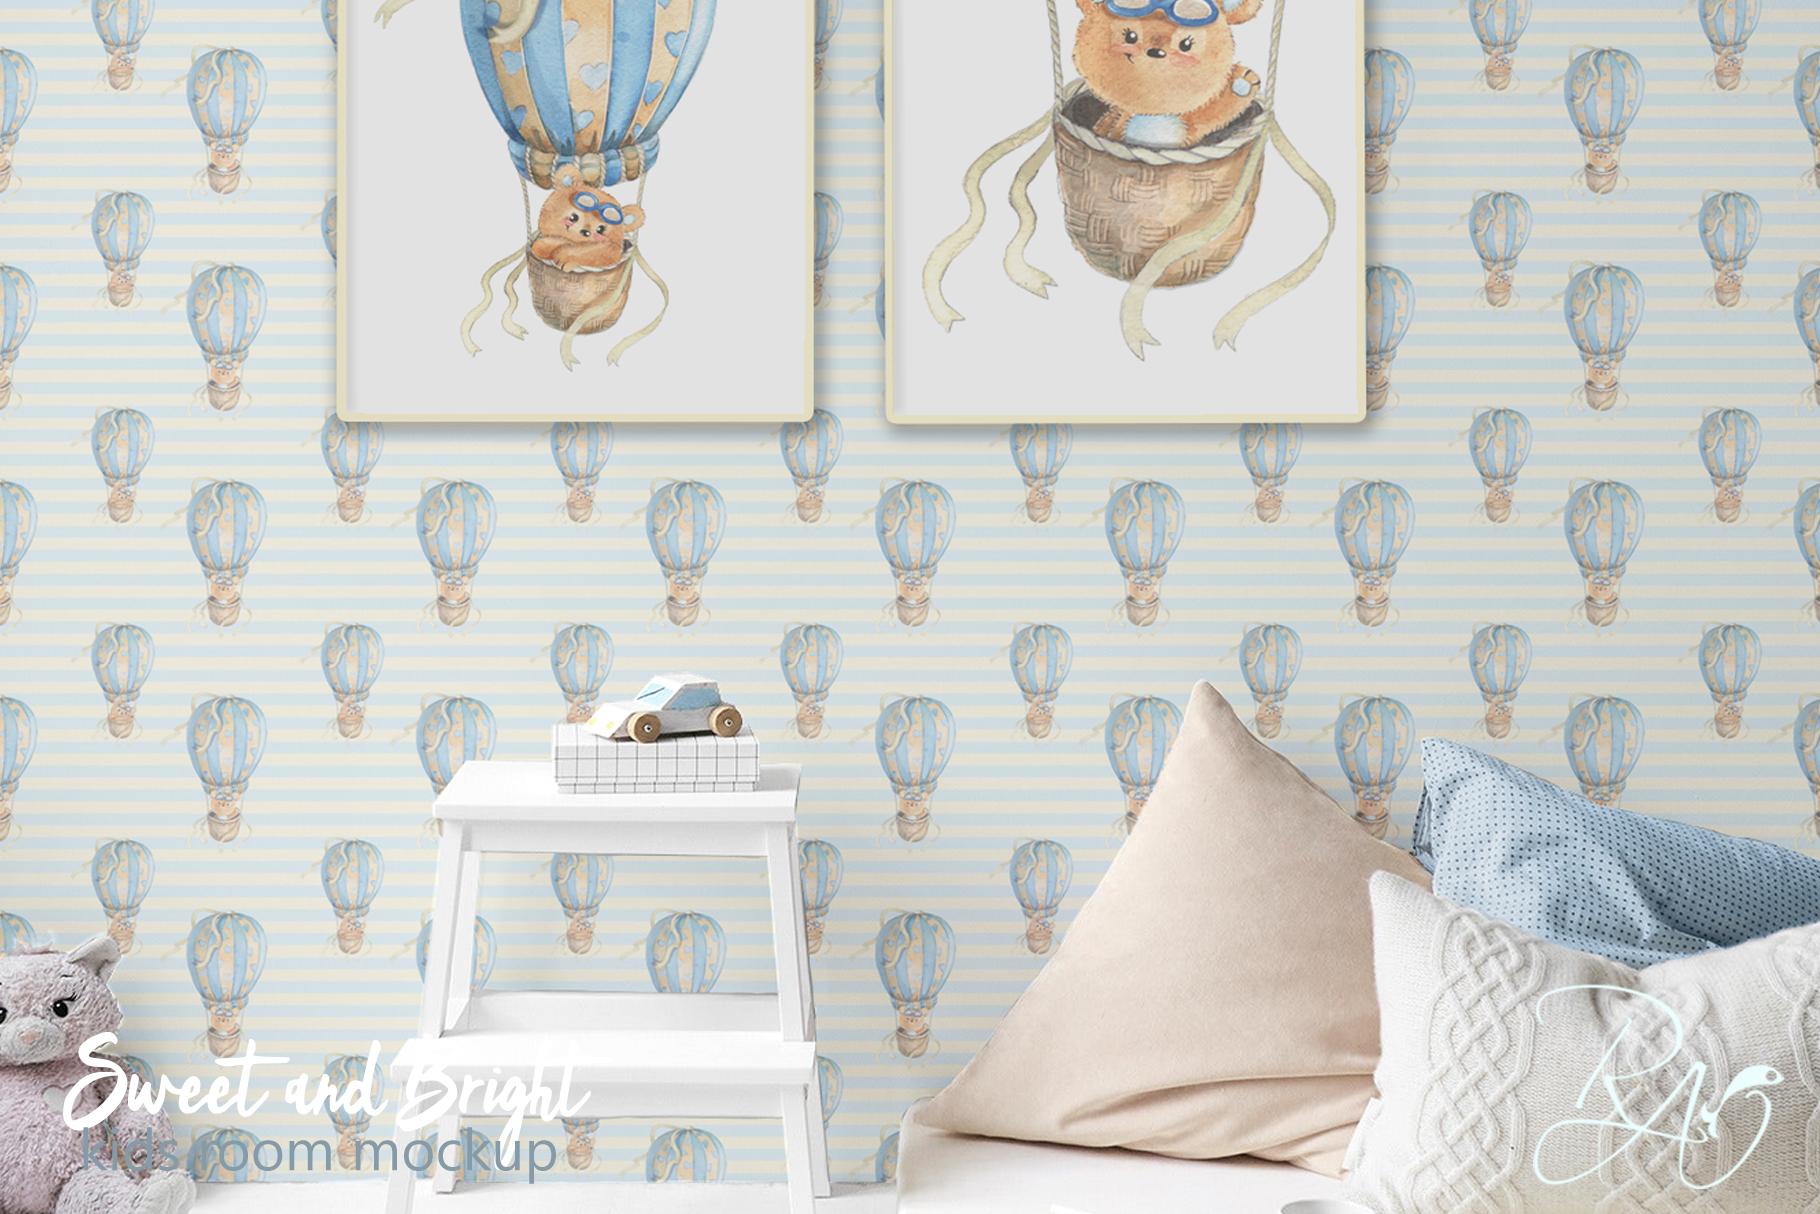 PSD Nursery mockup Kids room mockup Blank wall Print mockup example image 3